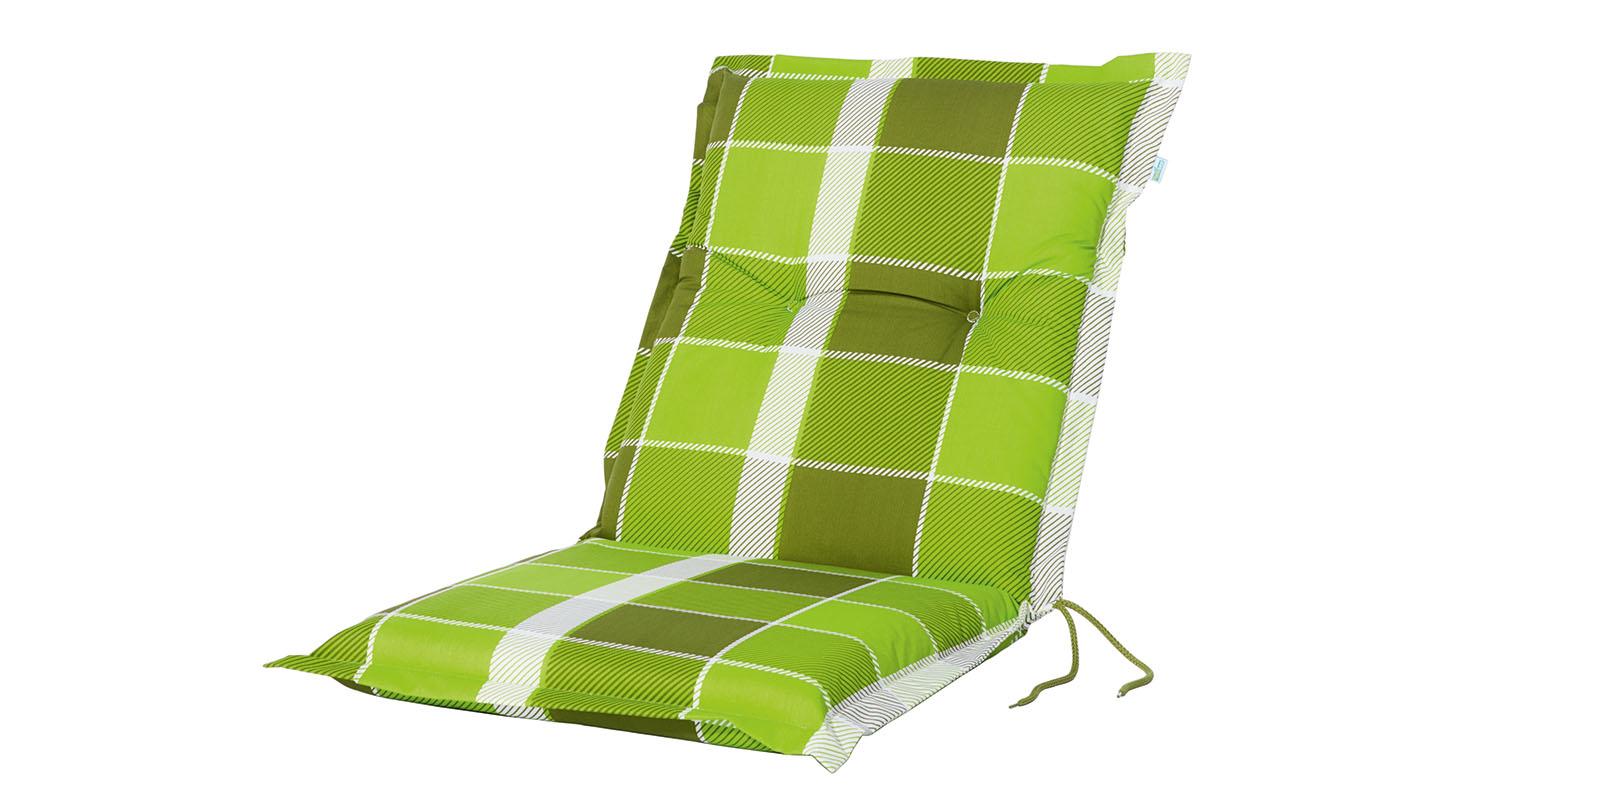 niedriglehner polsterauflage sitzauflage gr n sitzkissen. Black Bedroom Furniture Sets. Home Design Ideas